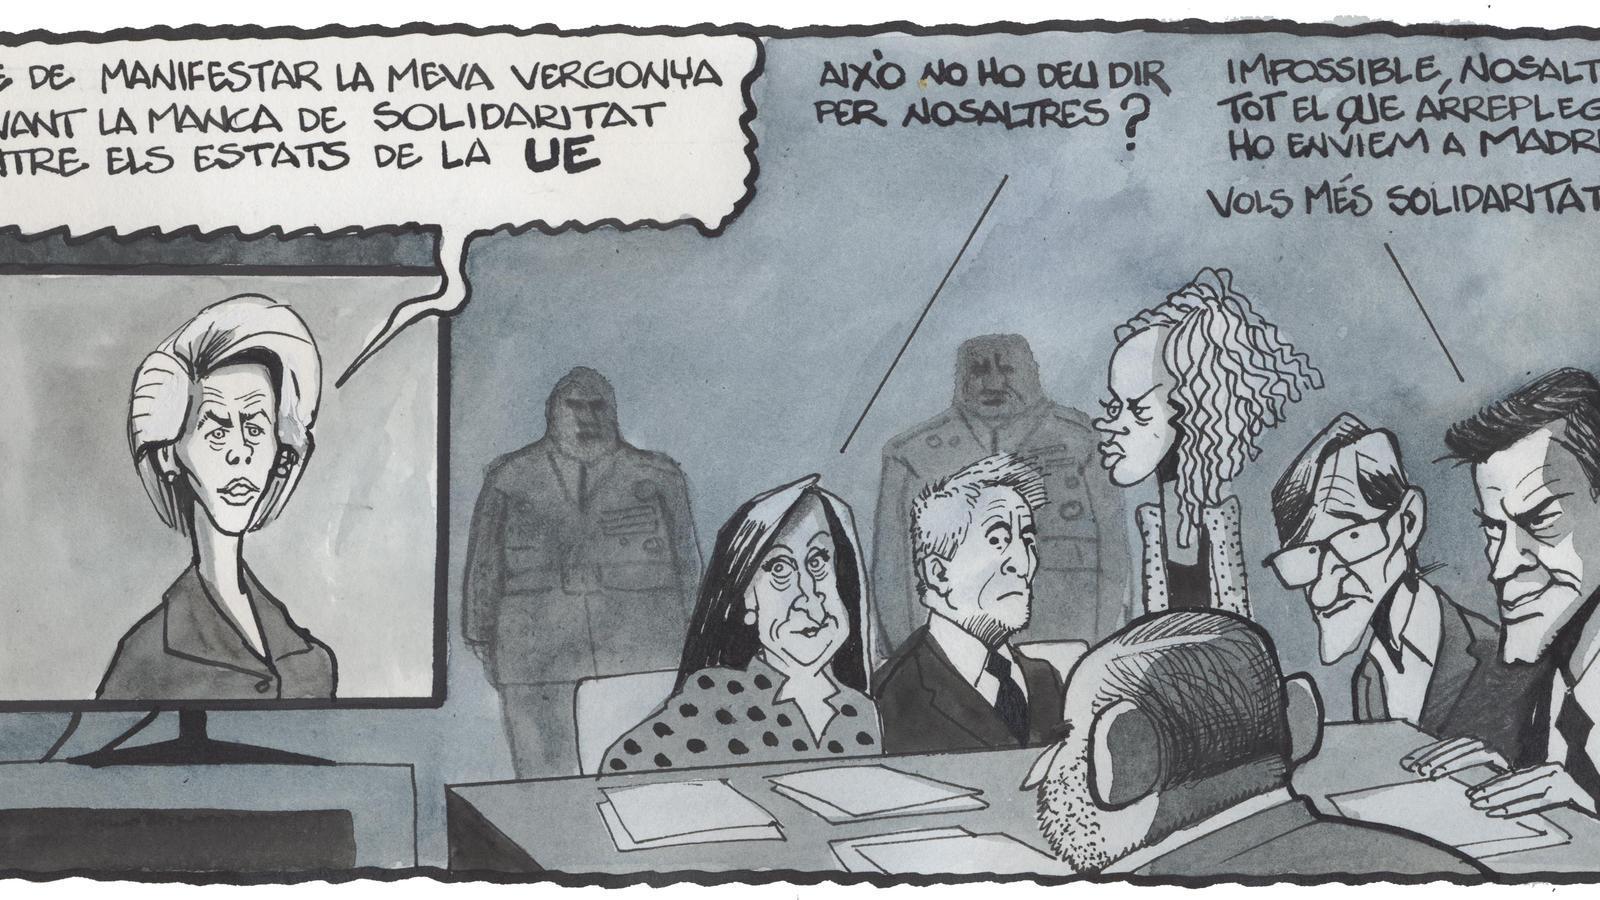 'A la contra', per Ferreres 29/03/20